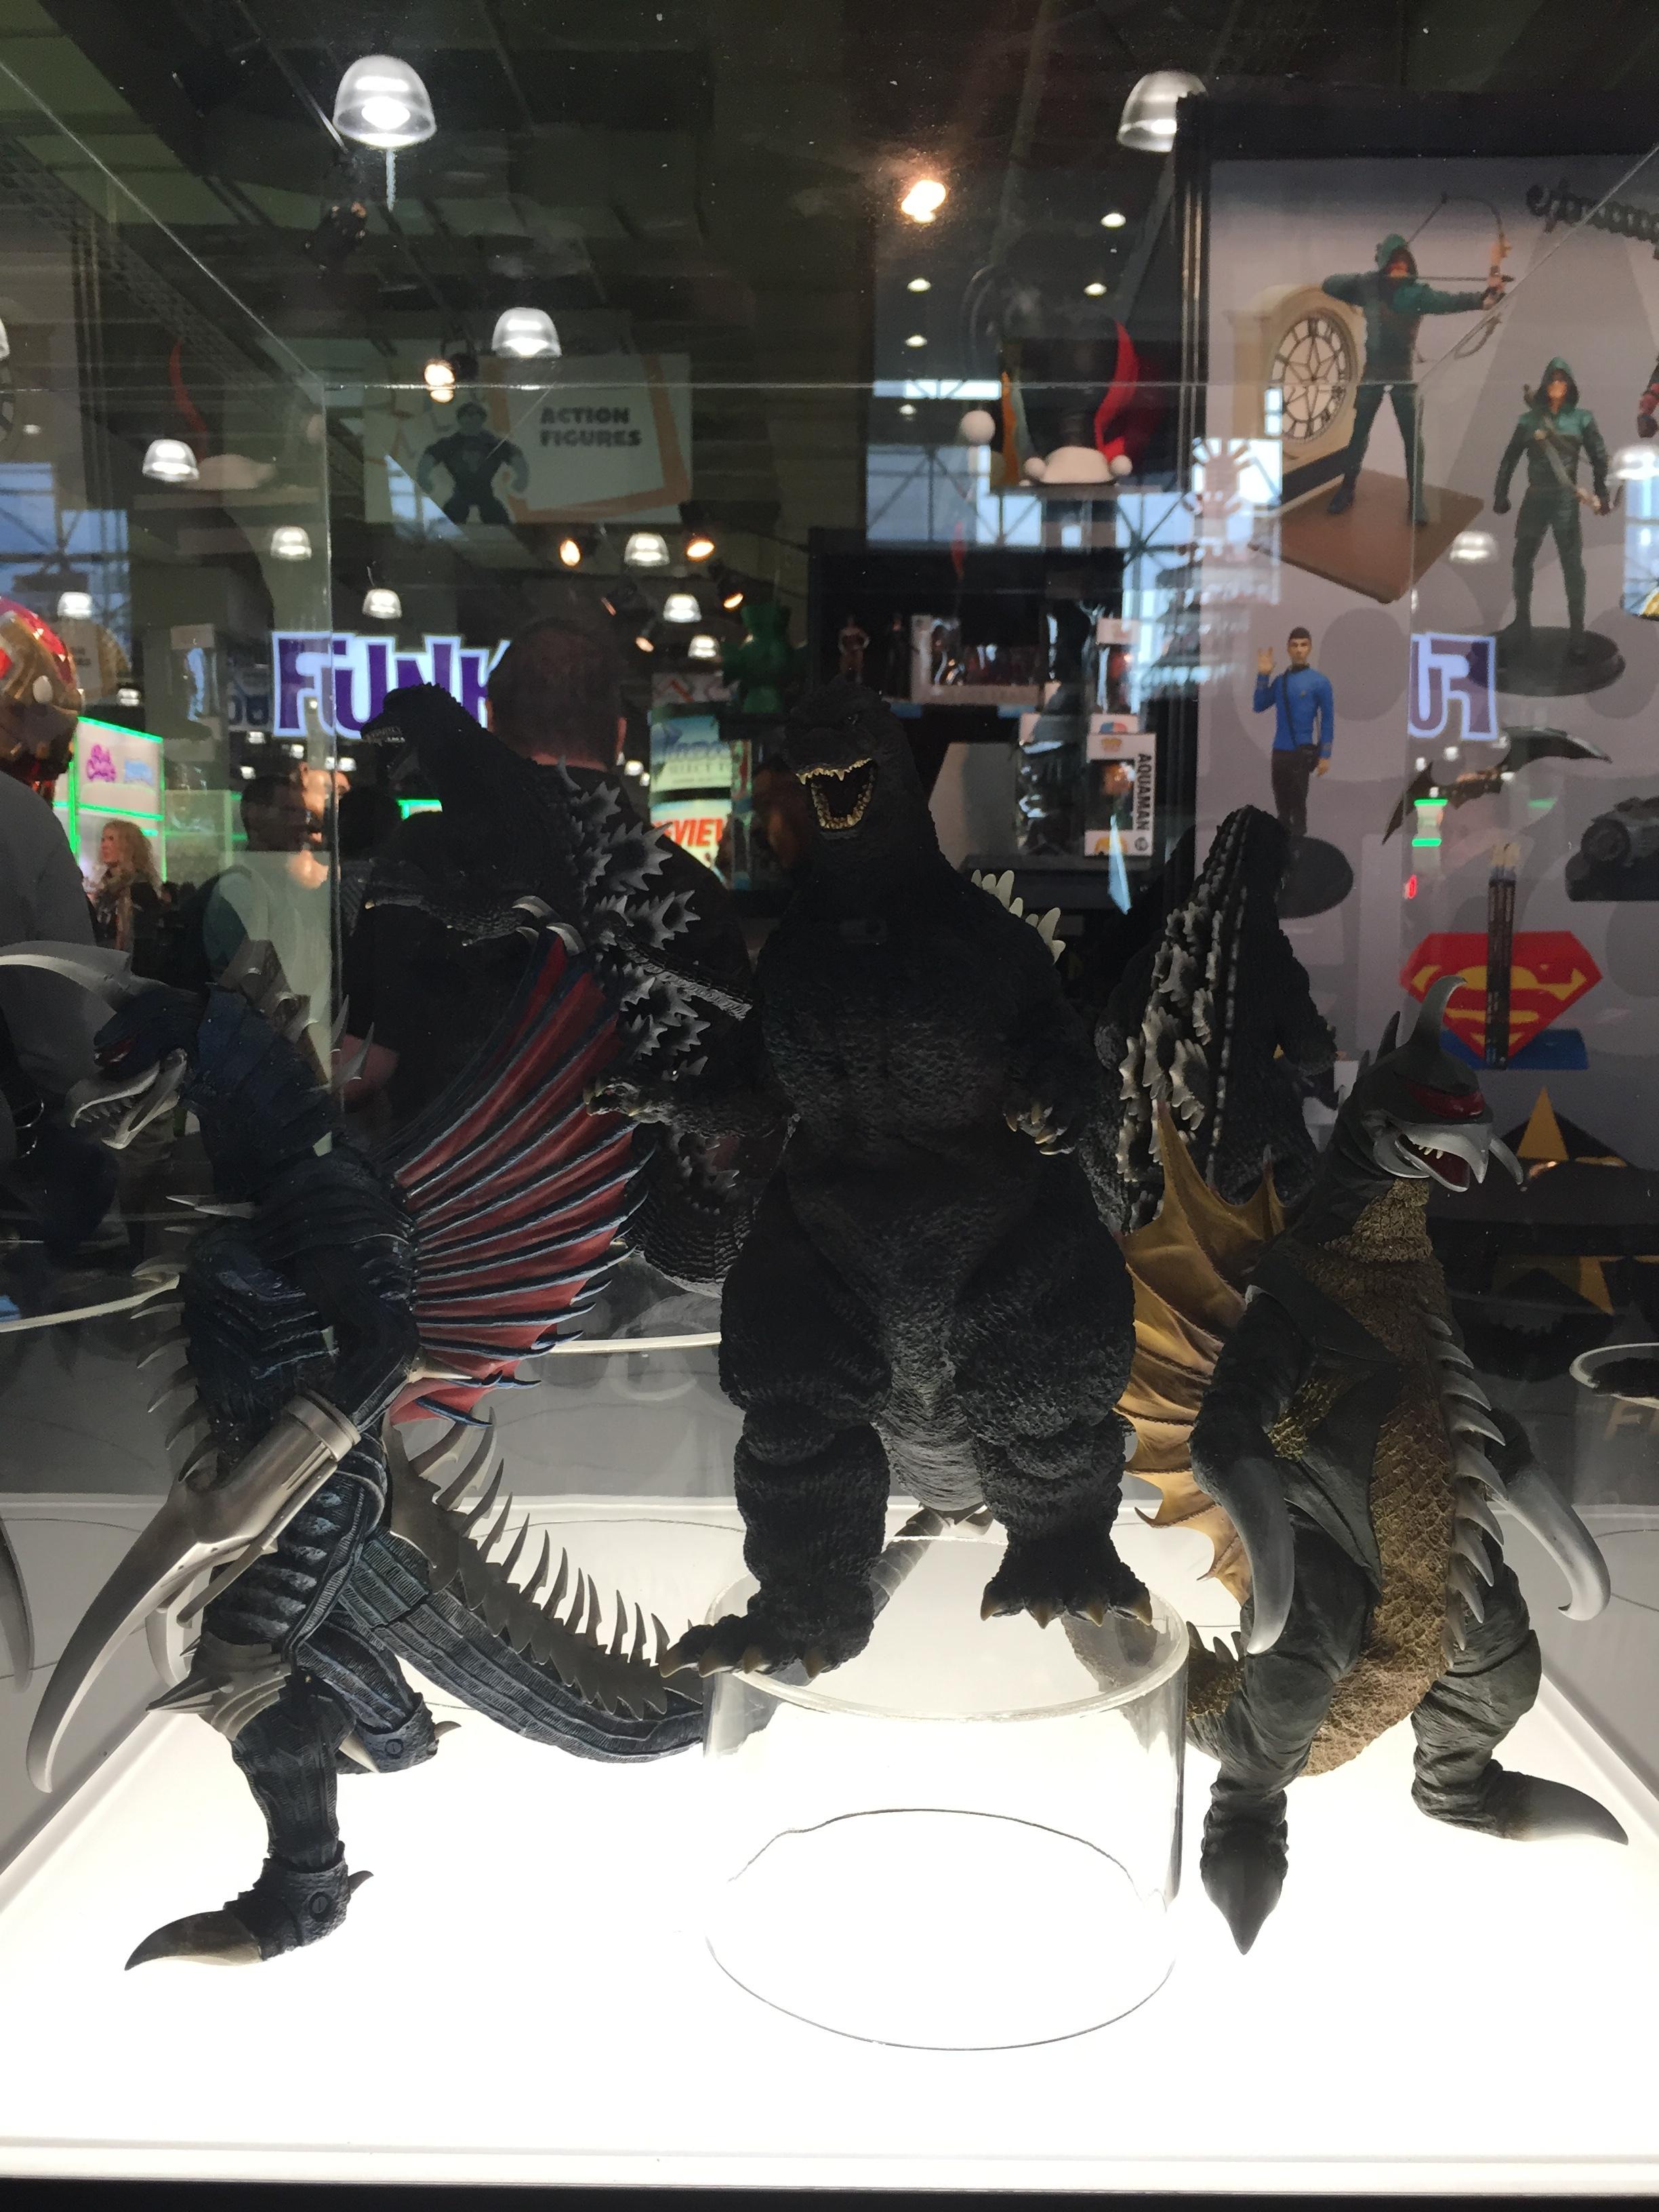 Group shot, Sakai Godzilla'89, FW Gigan, Gigan'72, Godzilla'84, Godzilla'04